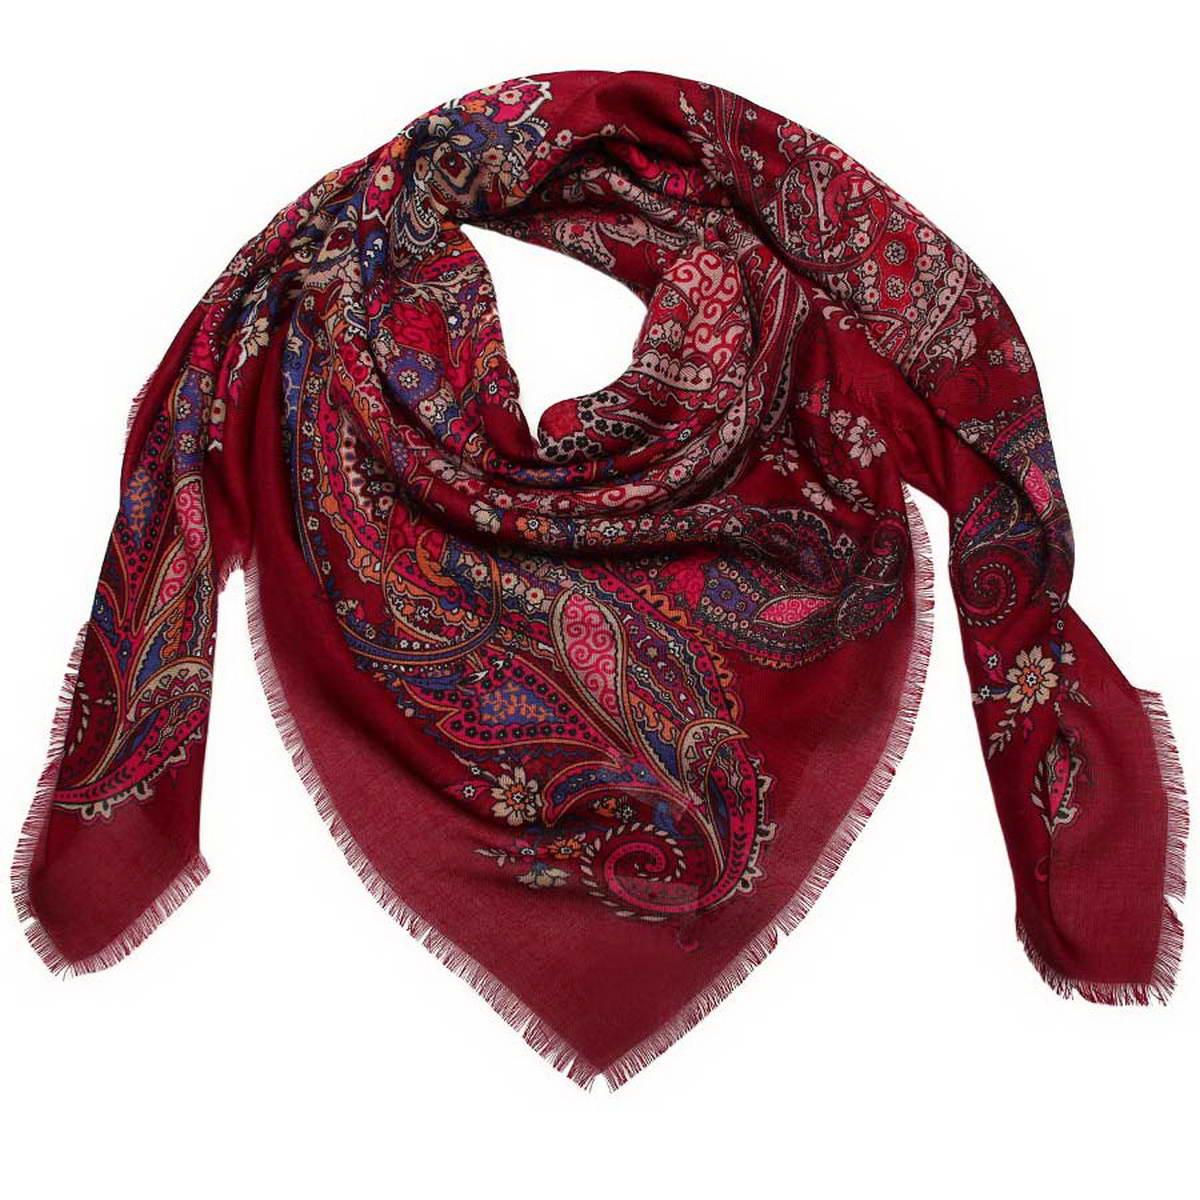 Платок женский Venera, цвет: бордовый, синий, фуксия. 6000452-03. Размер 120 см х 120 см6000452-03Стильный женский платок Venera станет великолепным завершением любого наряда. Платок изготовлен из полиэстера и оформлен оригинальным принтом. Края изделия дополнены бахромой.Классическая квадратная форма позволяет носить платок на шее, украшать им прическу или декорировать сумочку. Легкий и приятный на ощупь платок поможет вам создать изысканный женственный образ. Такой платок превосходно дополнит любой наряд и подчеркнет ваш неповторимый вкус и элегантность.